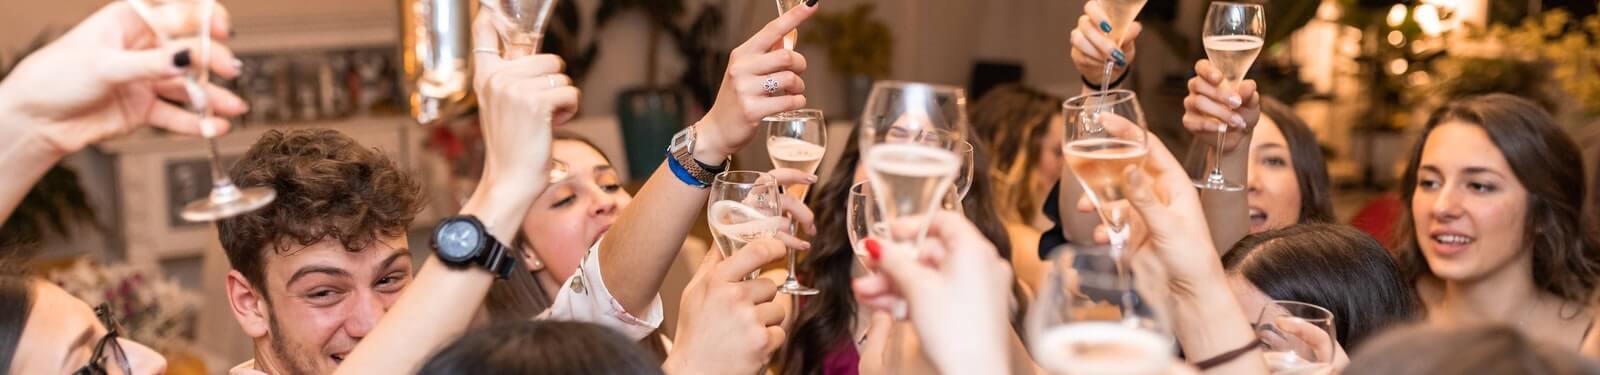 alcohol aumenta el tejido adiposo